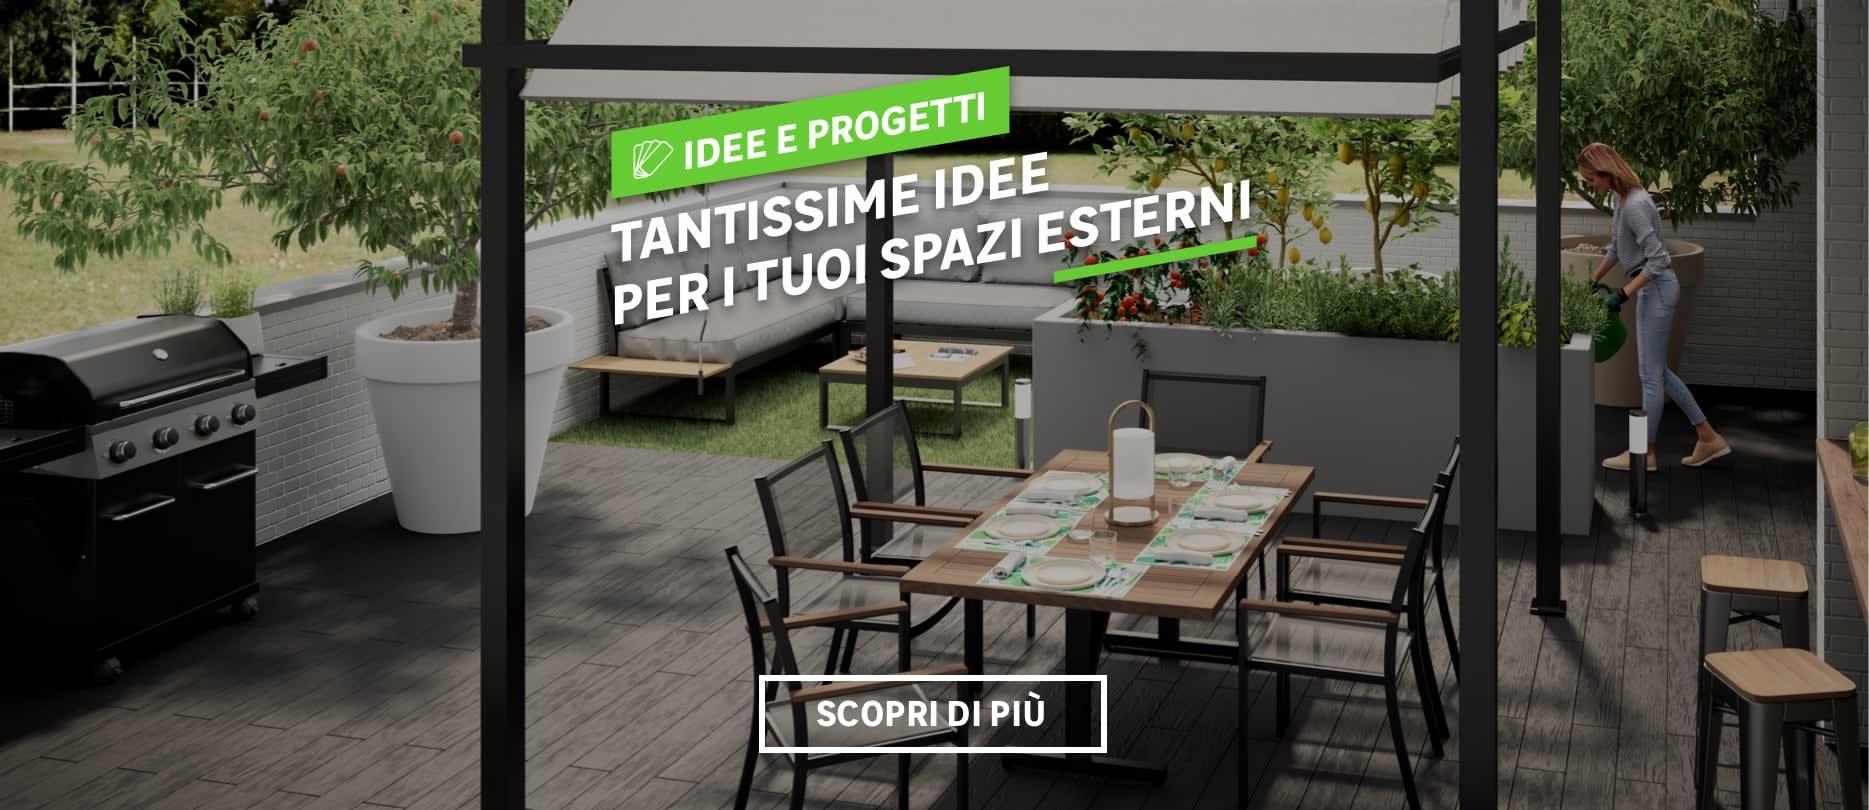 Idee e progetti